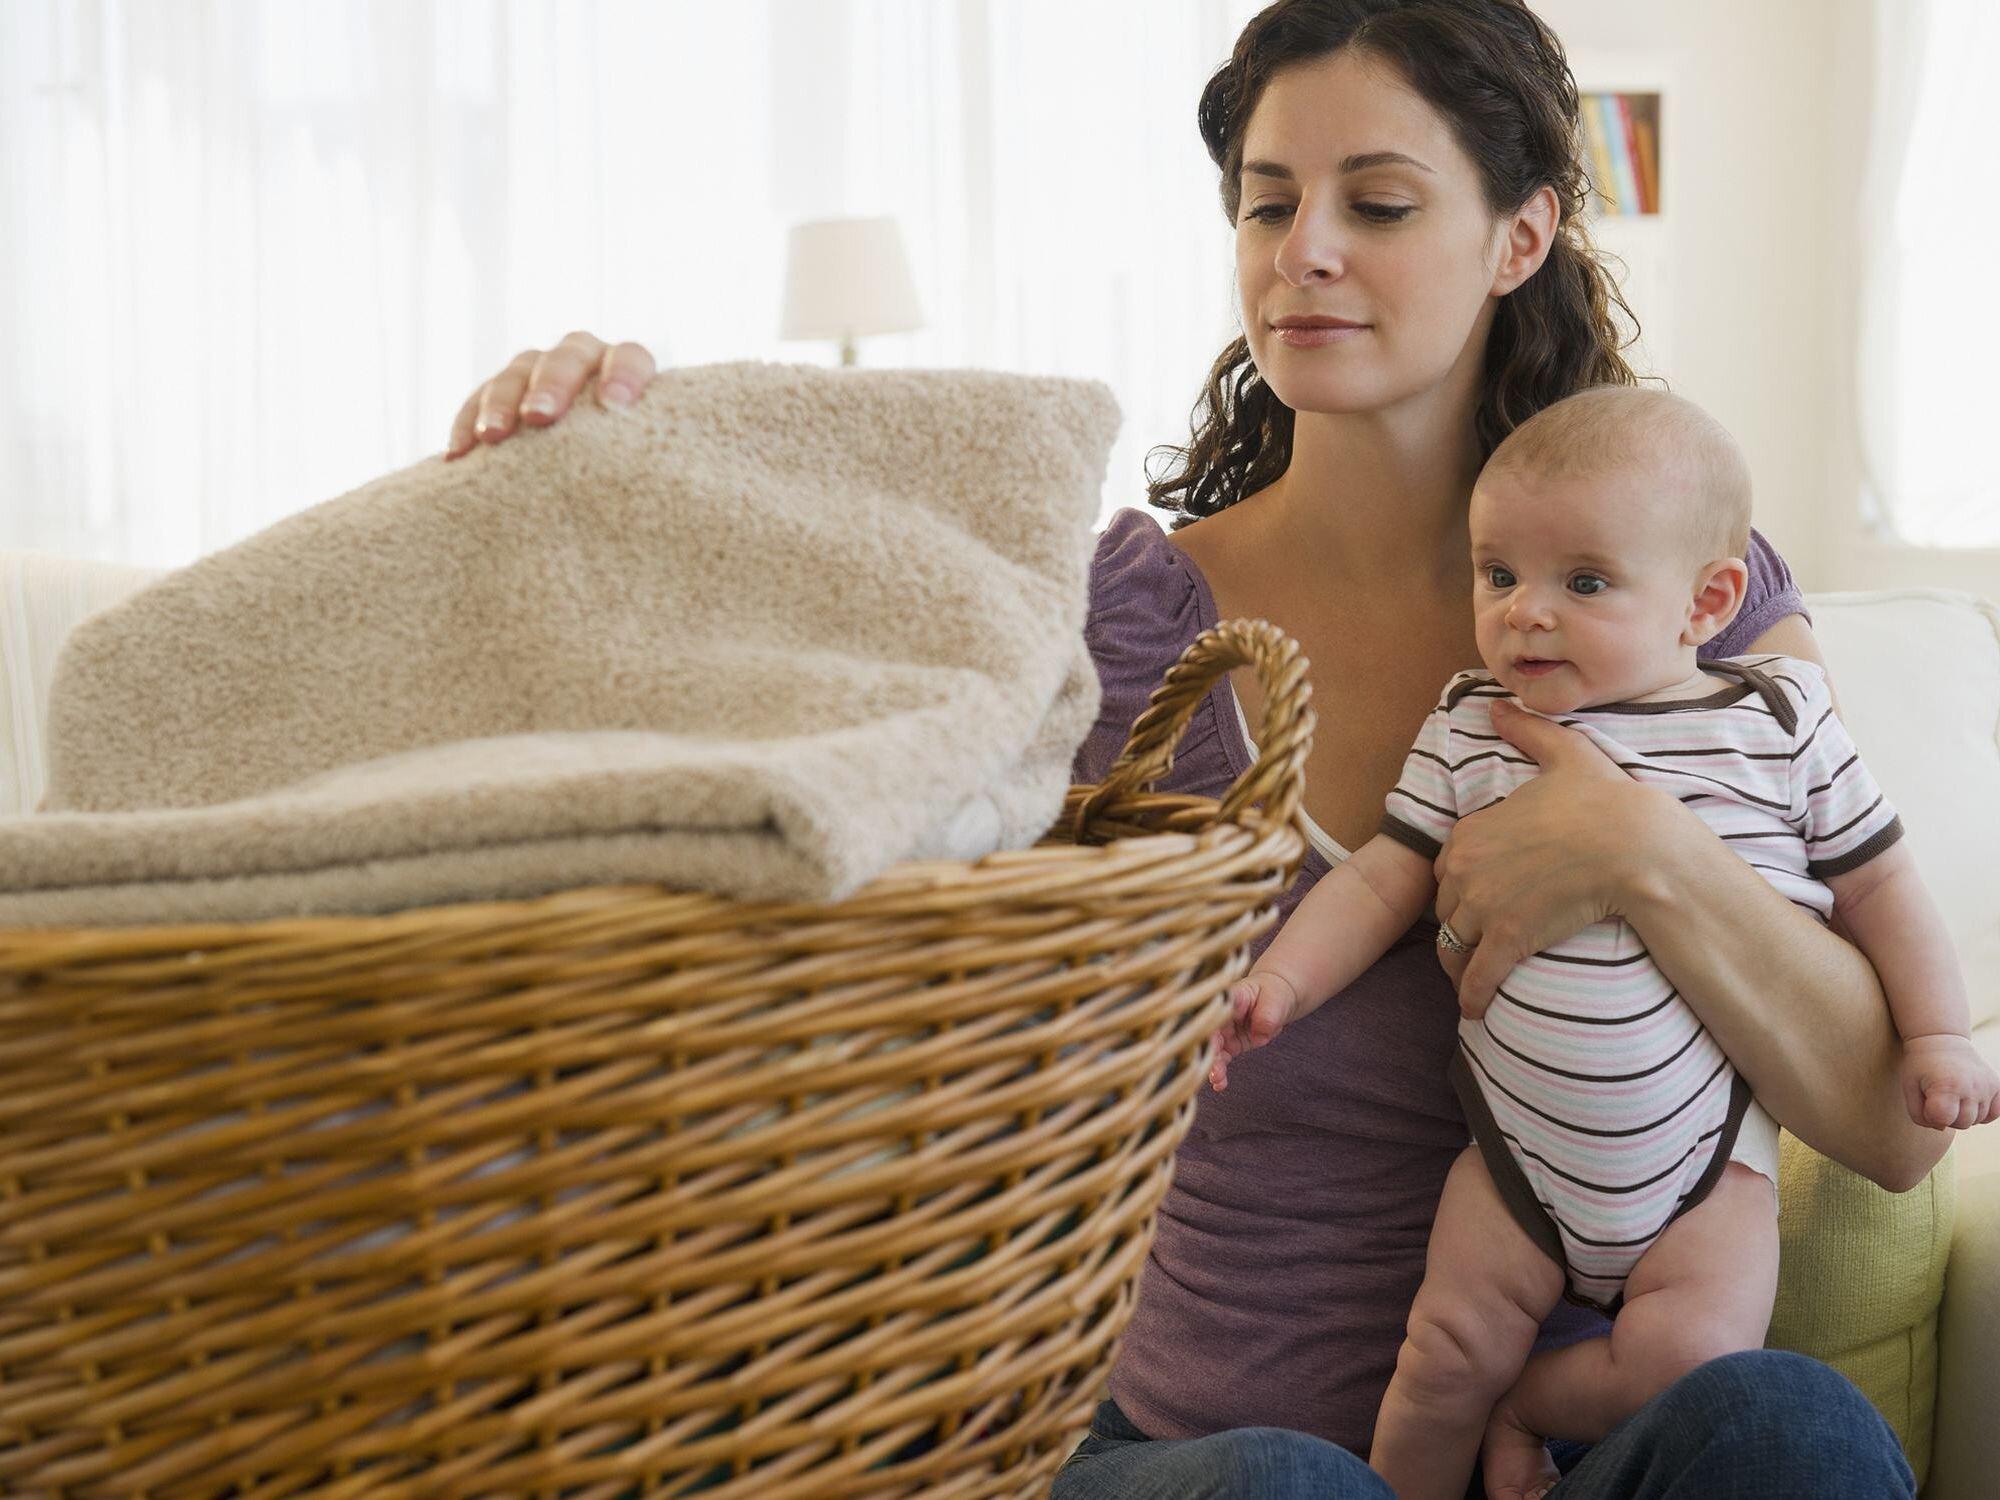 Lựa chọn các bột, nước giặt thành phần tự nhiên dịu nhẹ cho trẻ